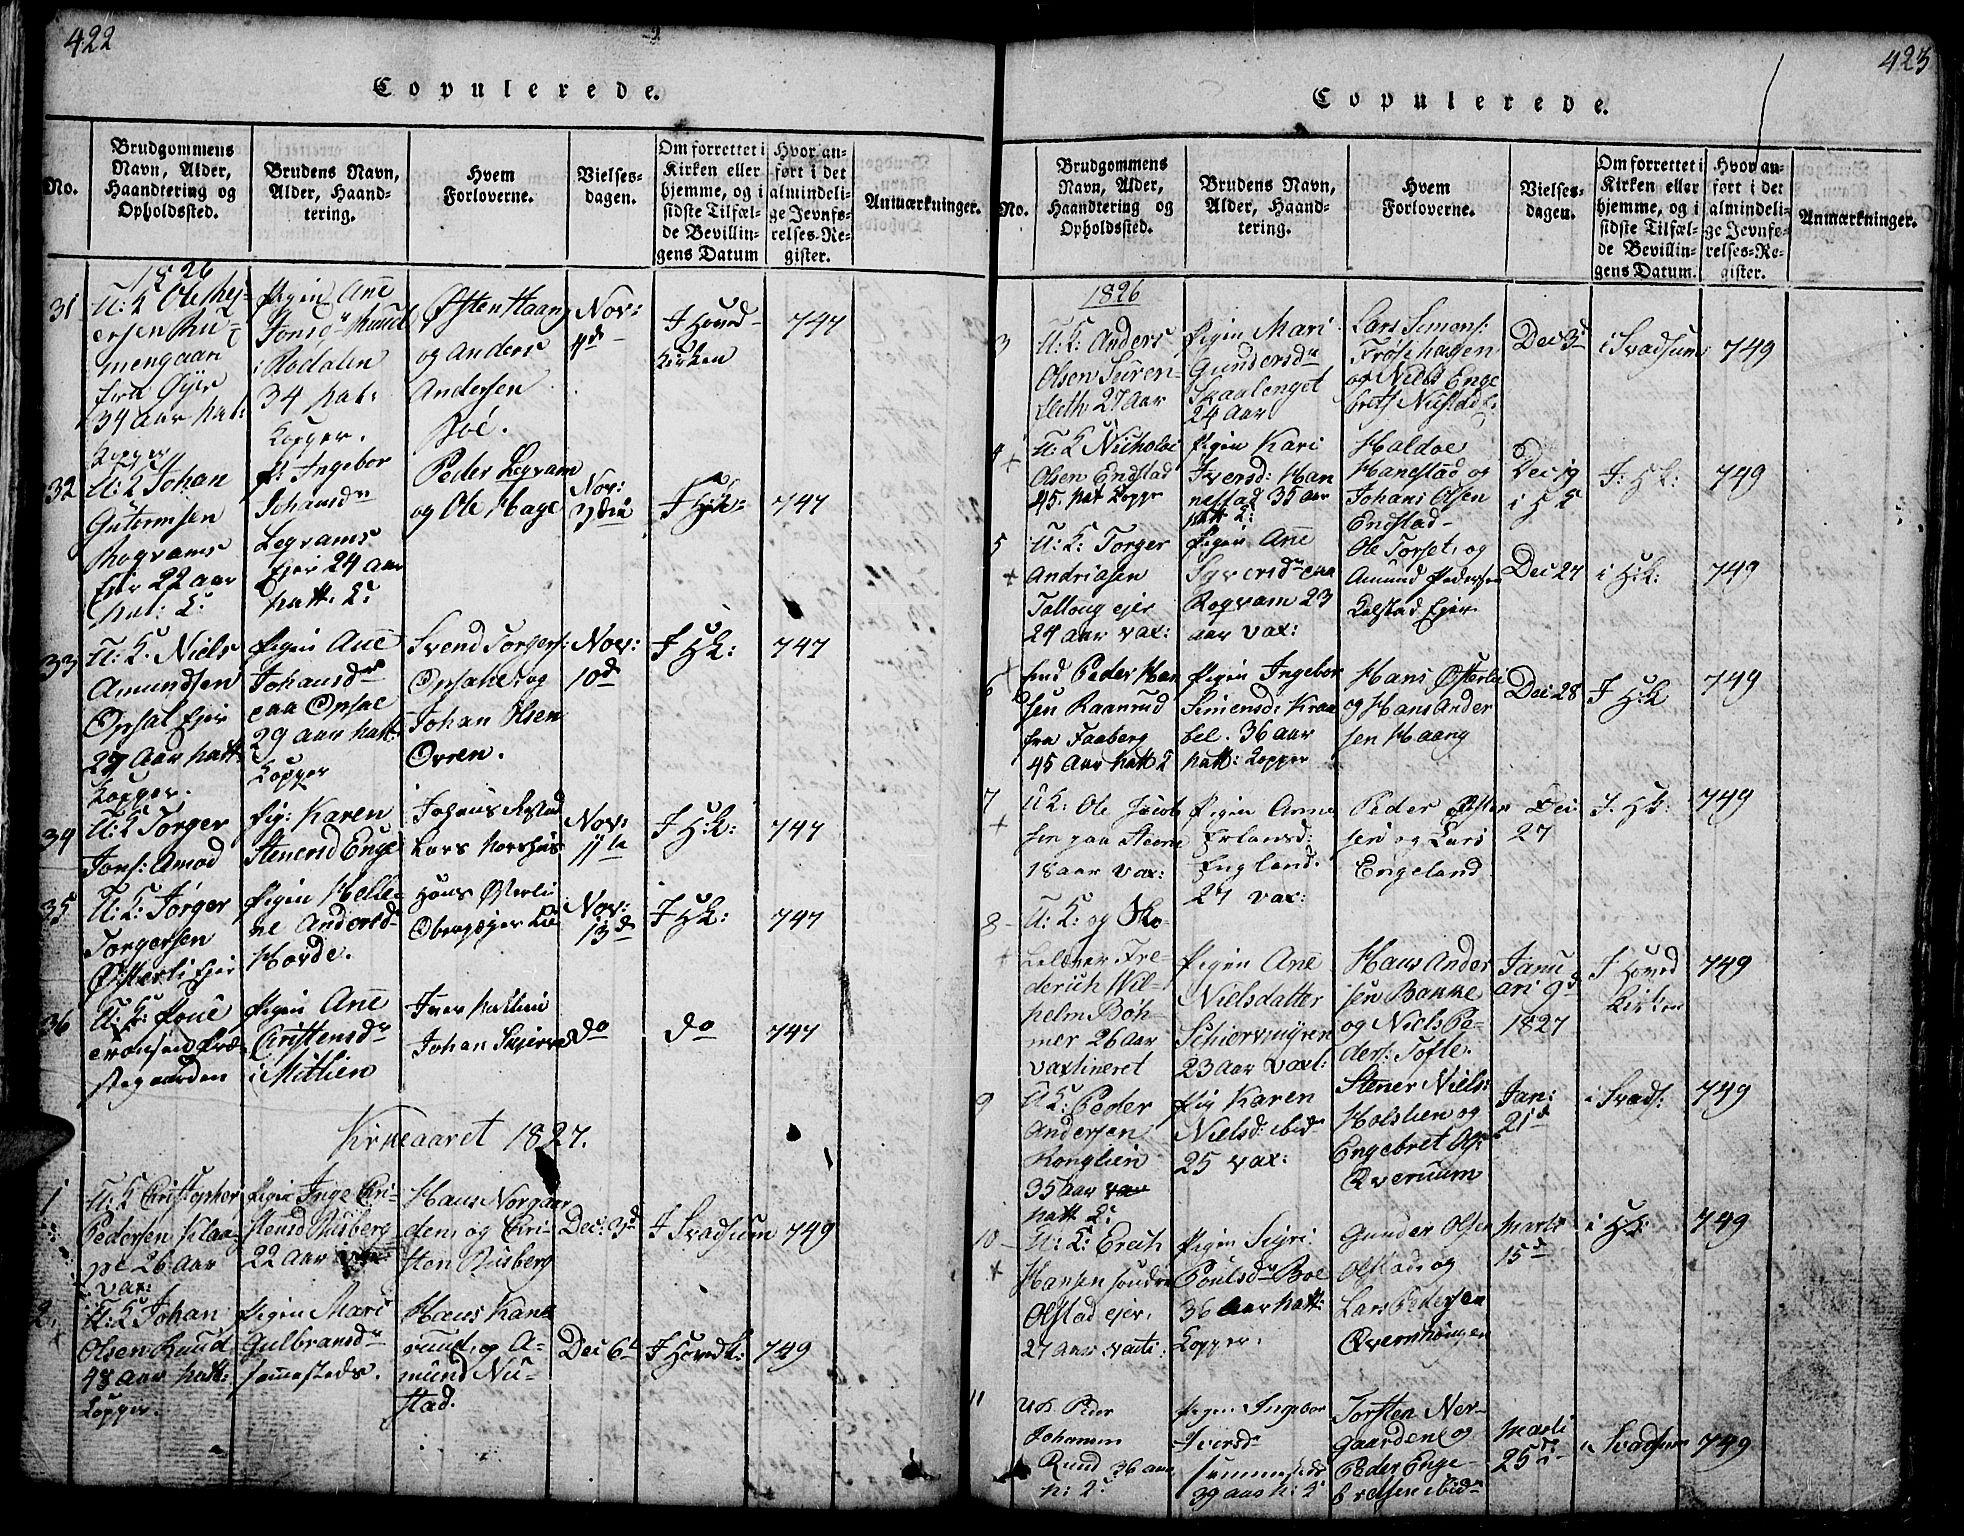 SAH, Gausdal prestekontor, Klokkerbok nr. 1, 1817-1848, s. 422-423